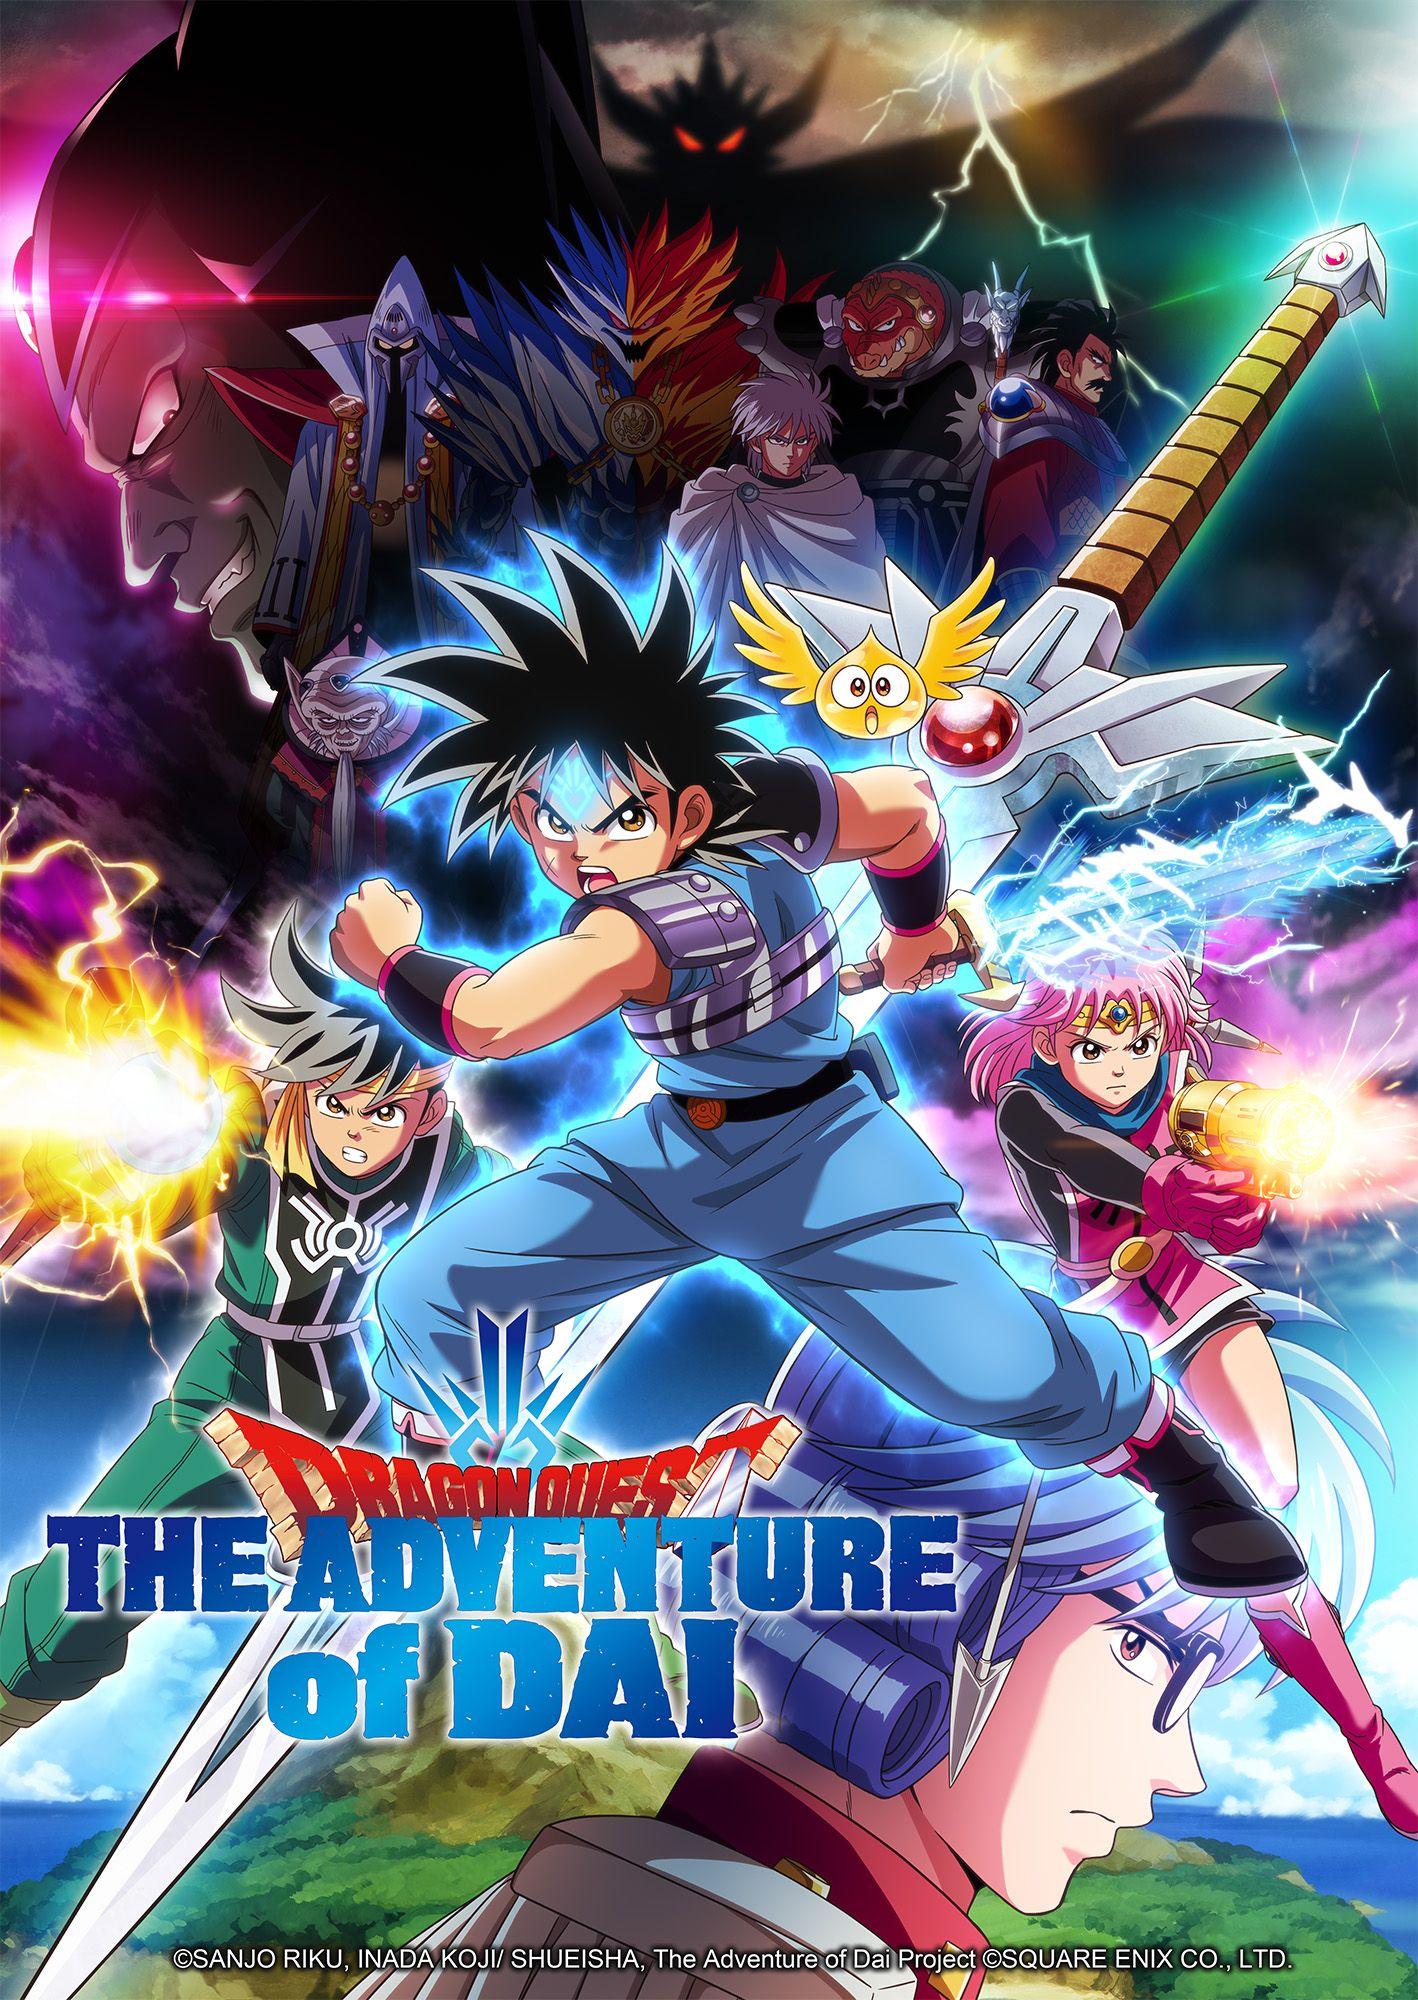 Dragon Quest - The adventure of Dai